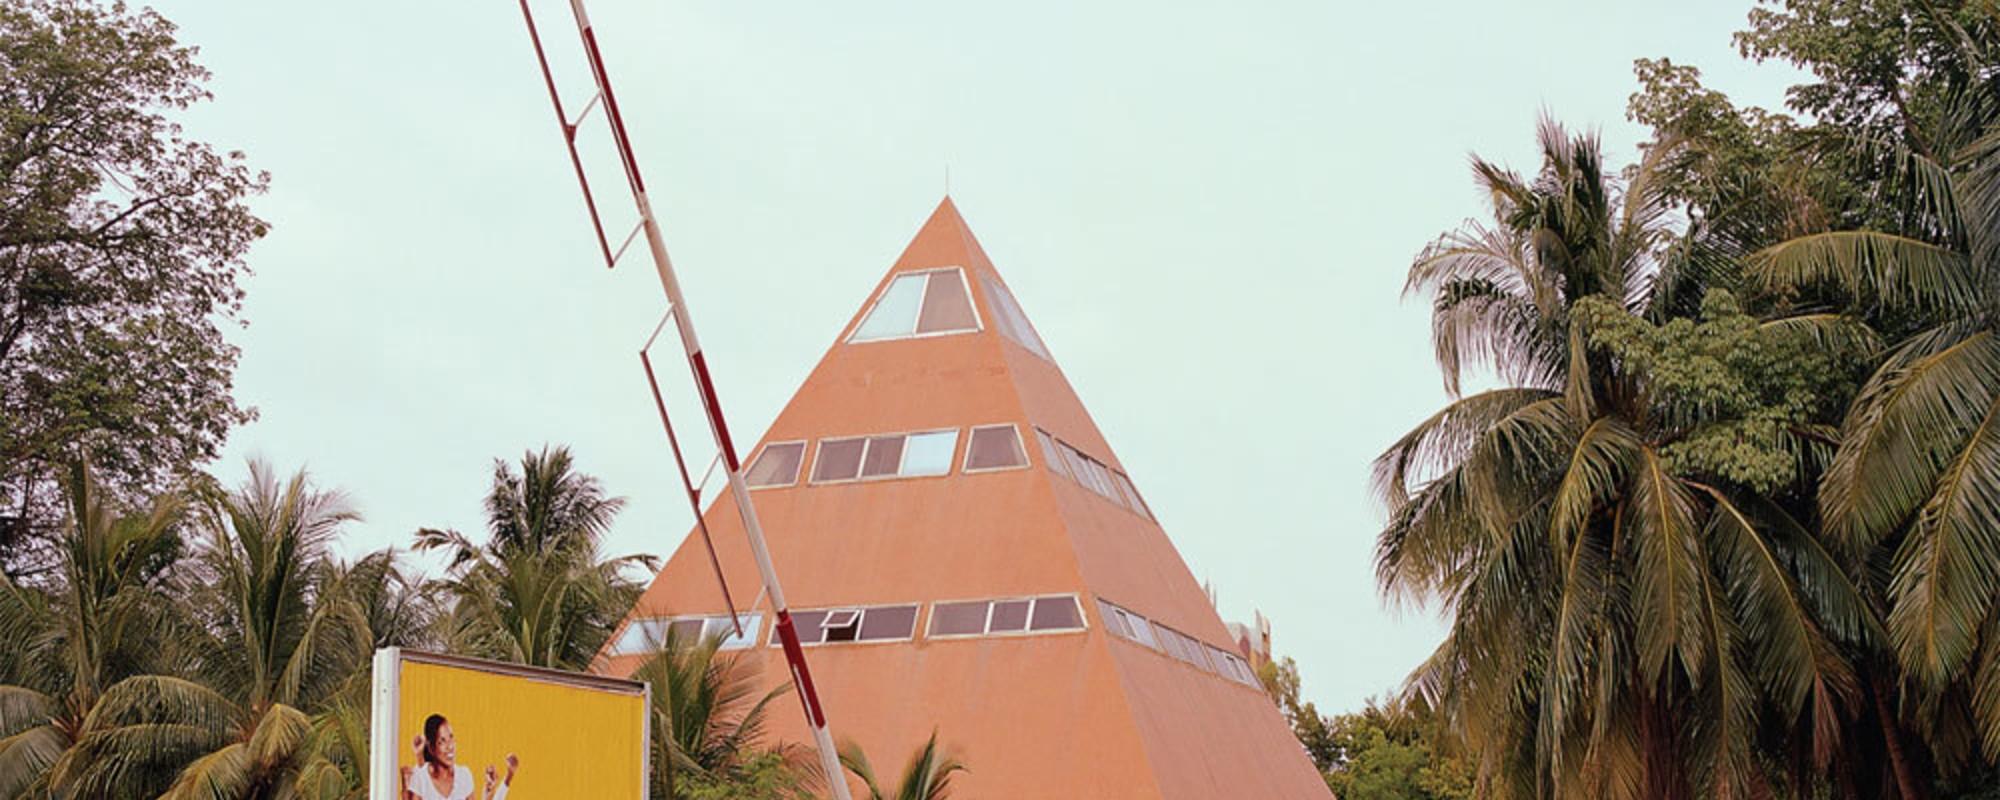 Uchronia: Die Geschichte der Entdeckung Amerikas durch einen König aus Mali